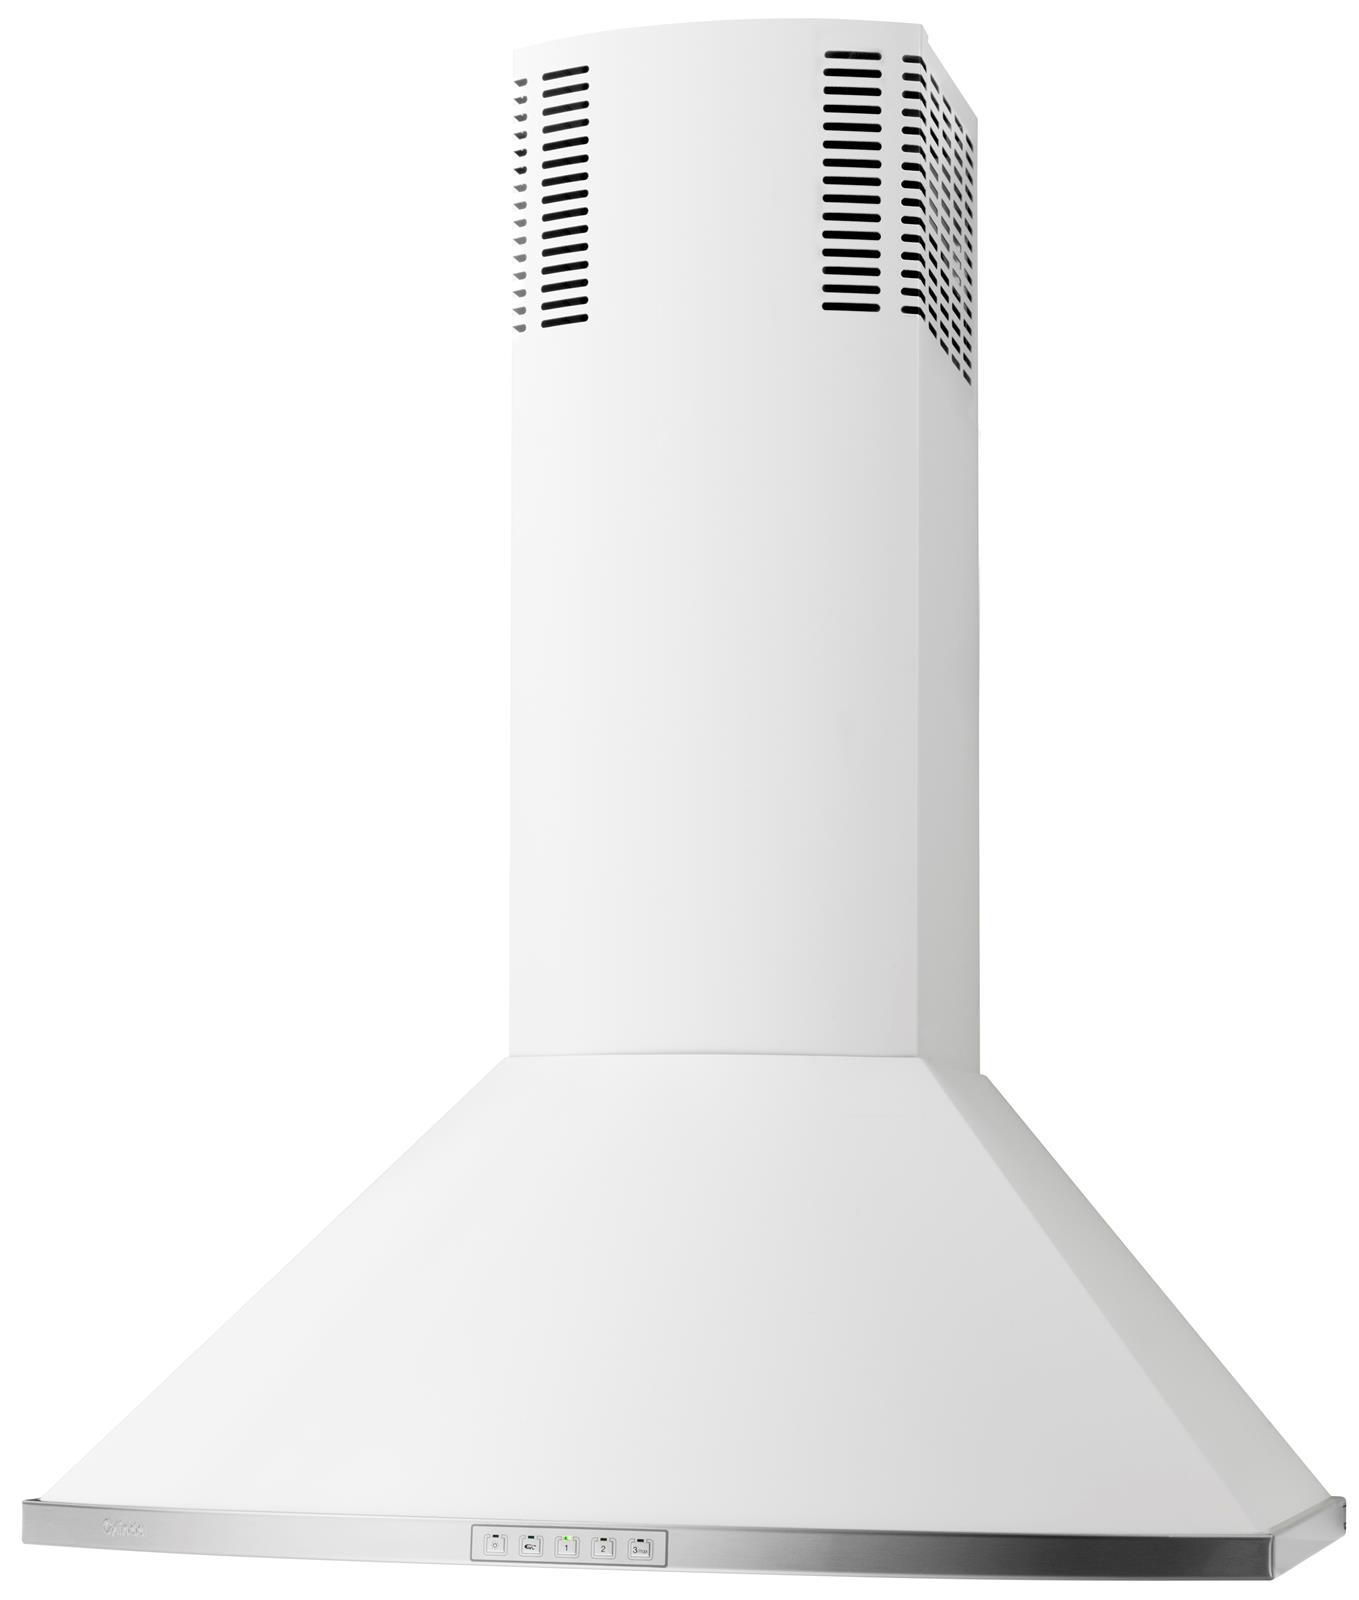 TRINDA-2 K 60 VIT